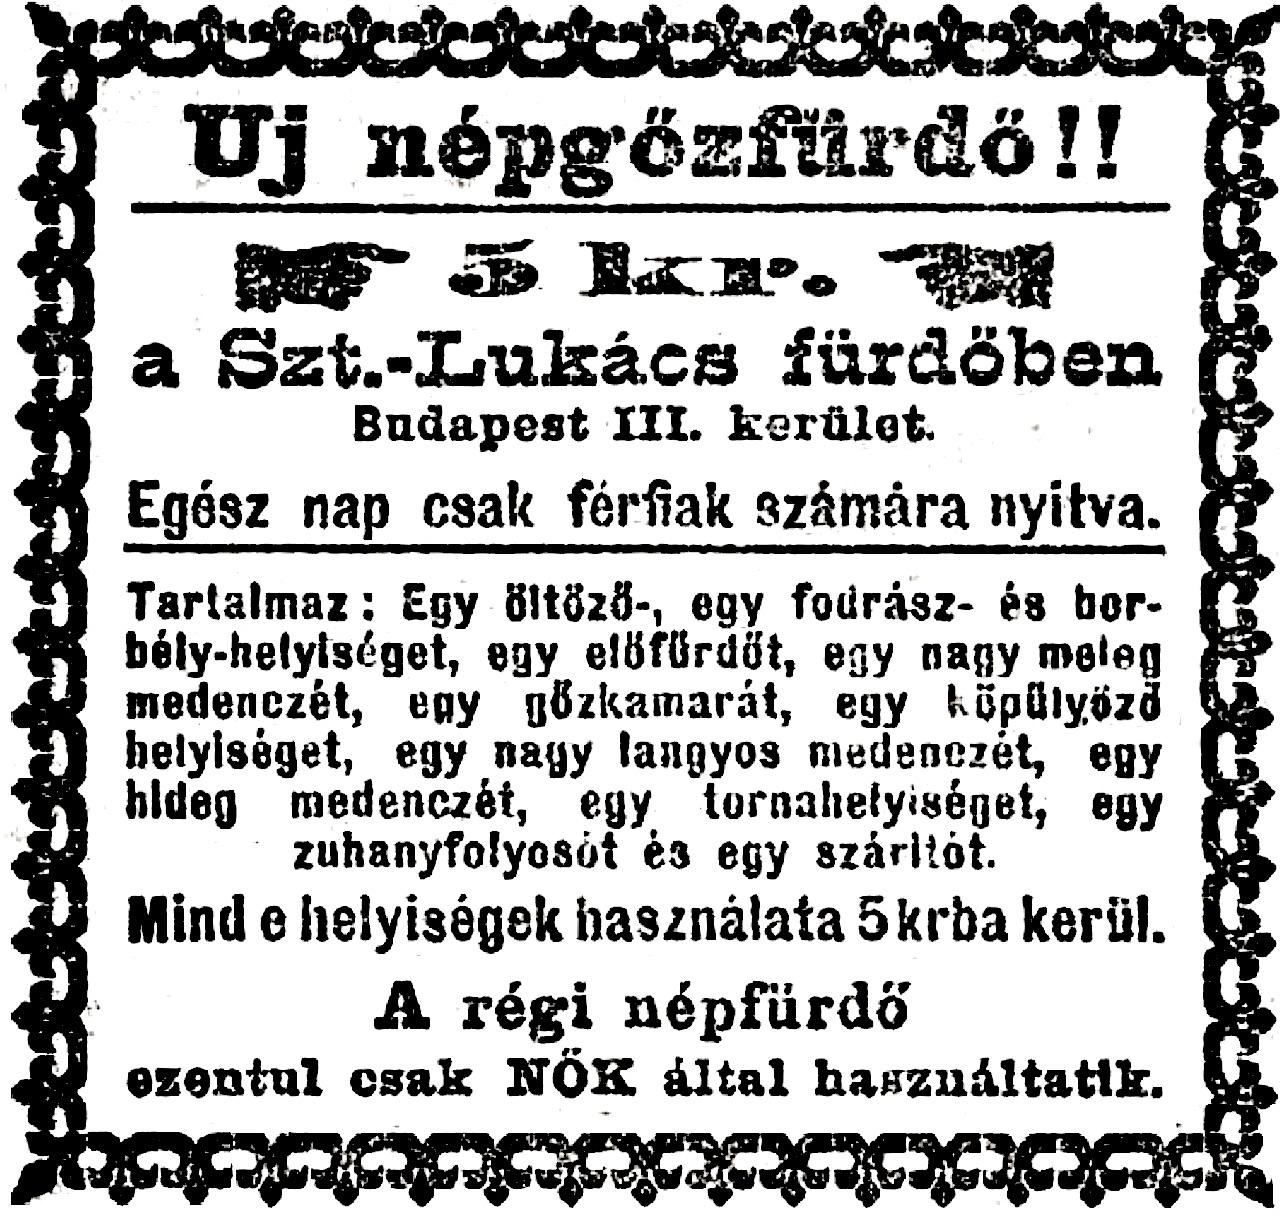 A fürdő hirdetése a Népszava 1895. június 29-i számában.